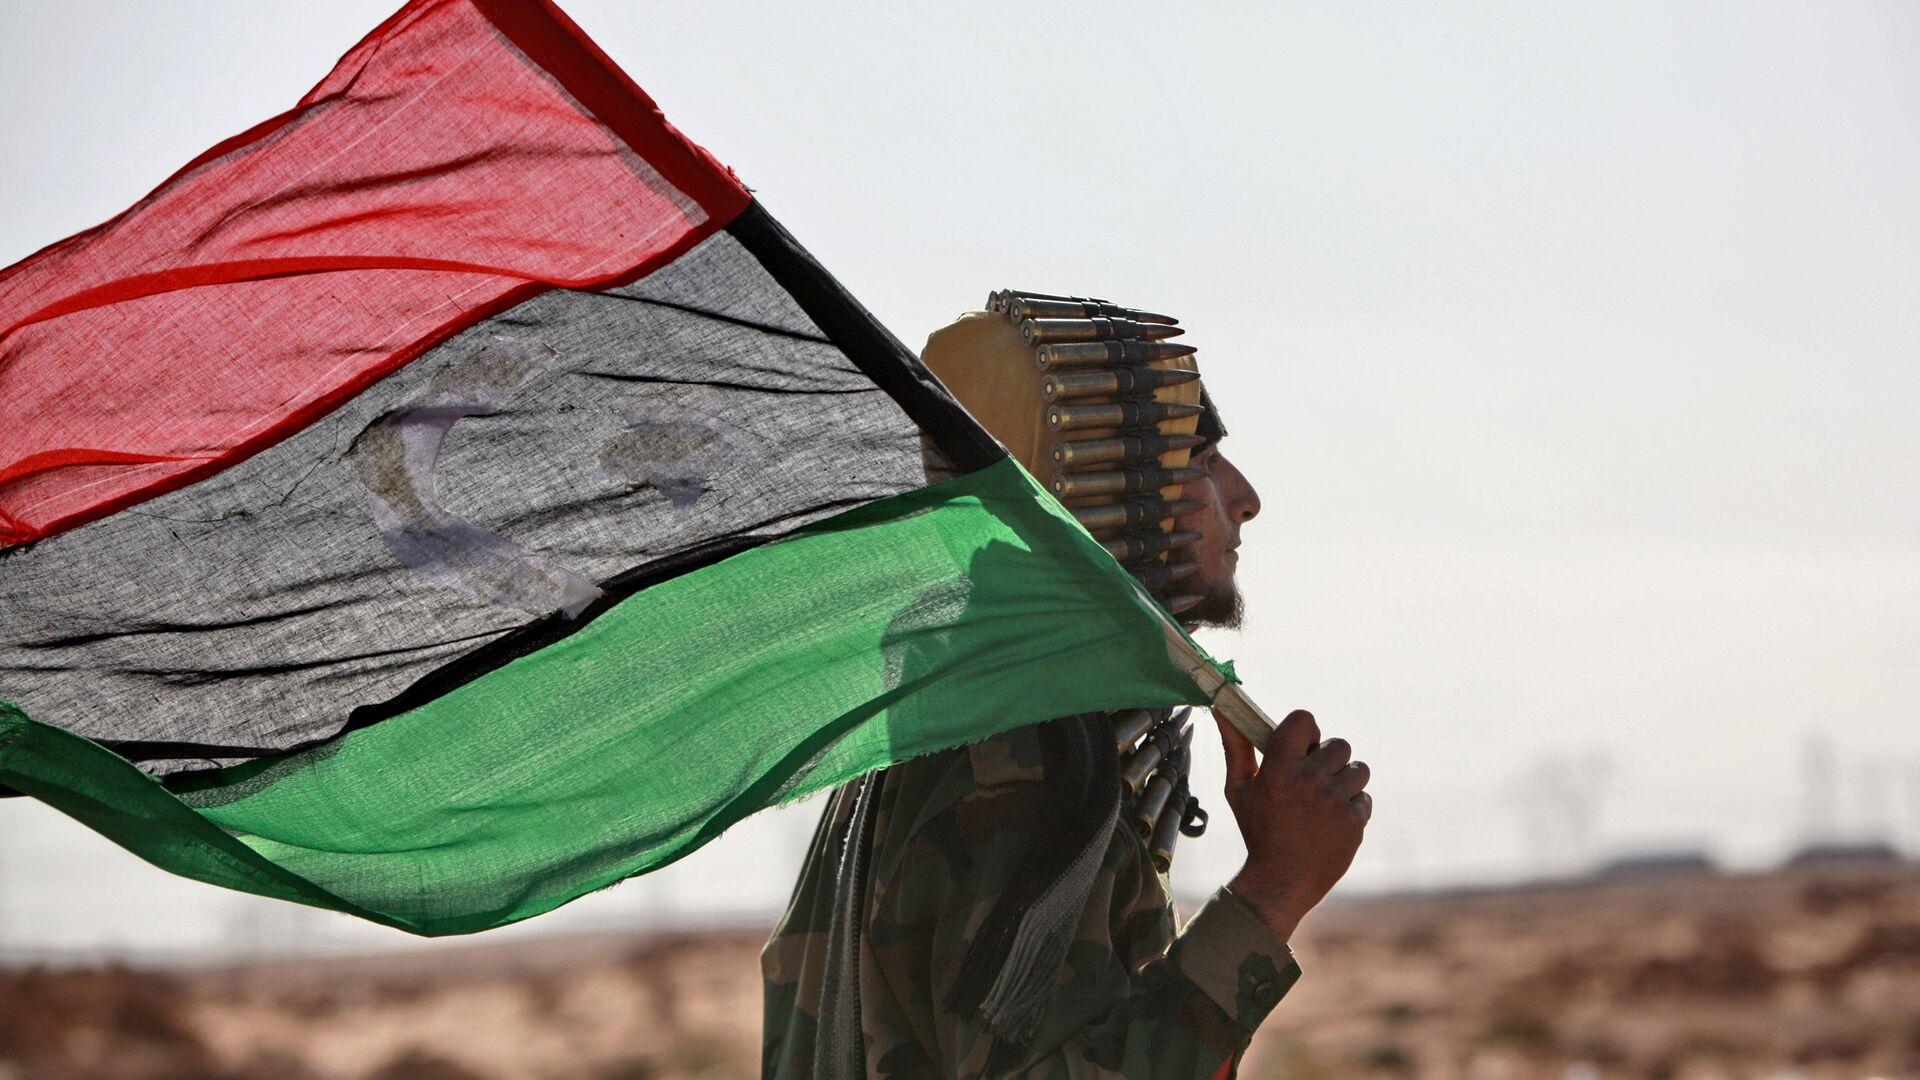 La bandera de Libia - Sputnik Mundo, 1920, 15.02.2021